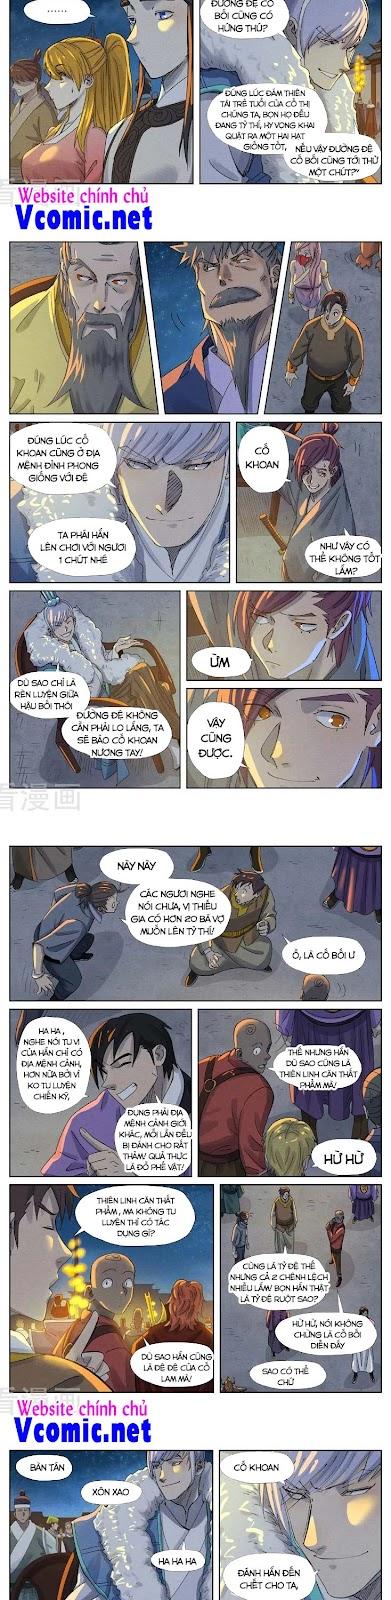 Yêu Thần Ký Chương 349 - Vcomic.net